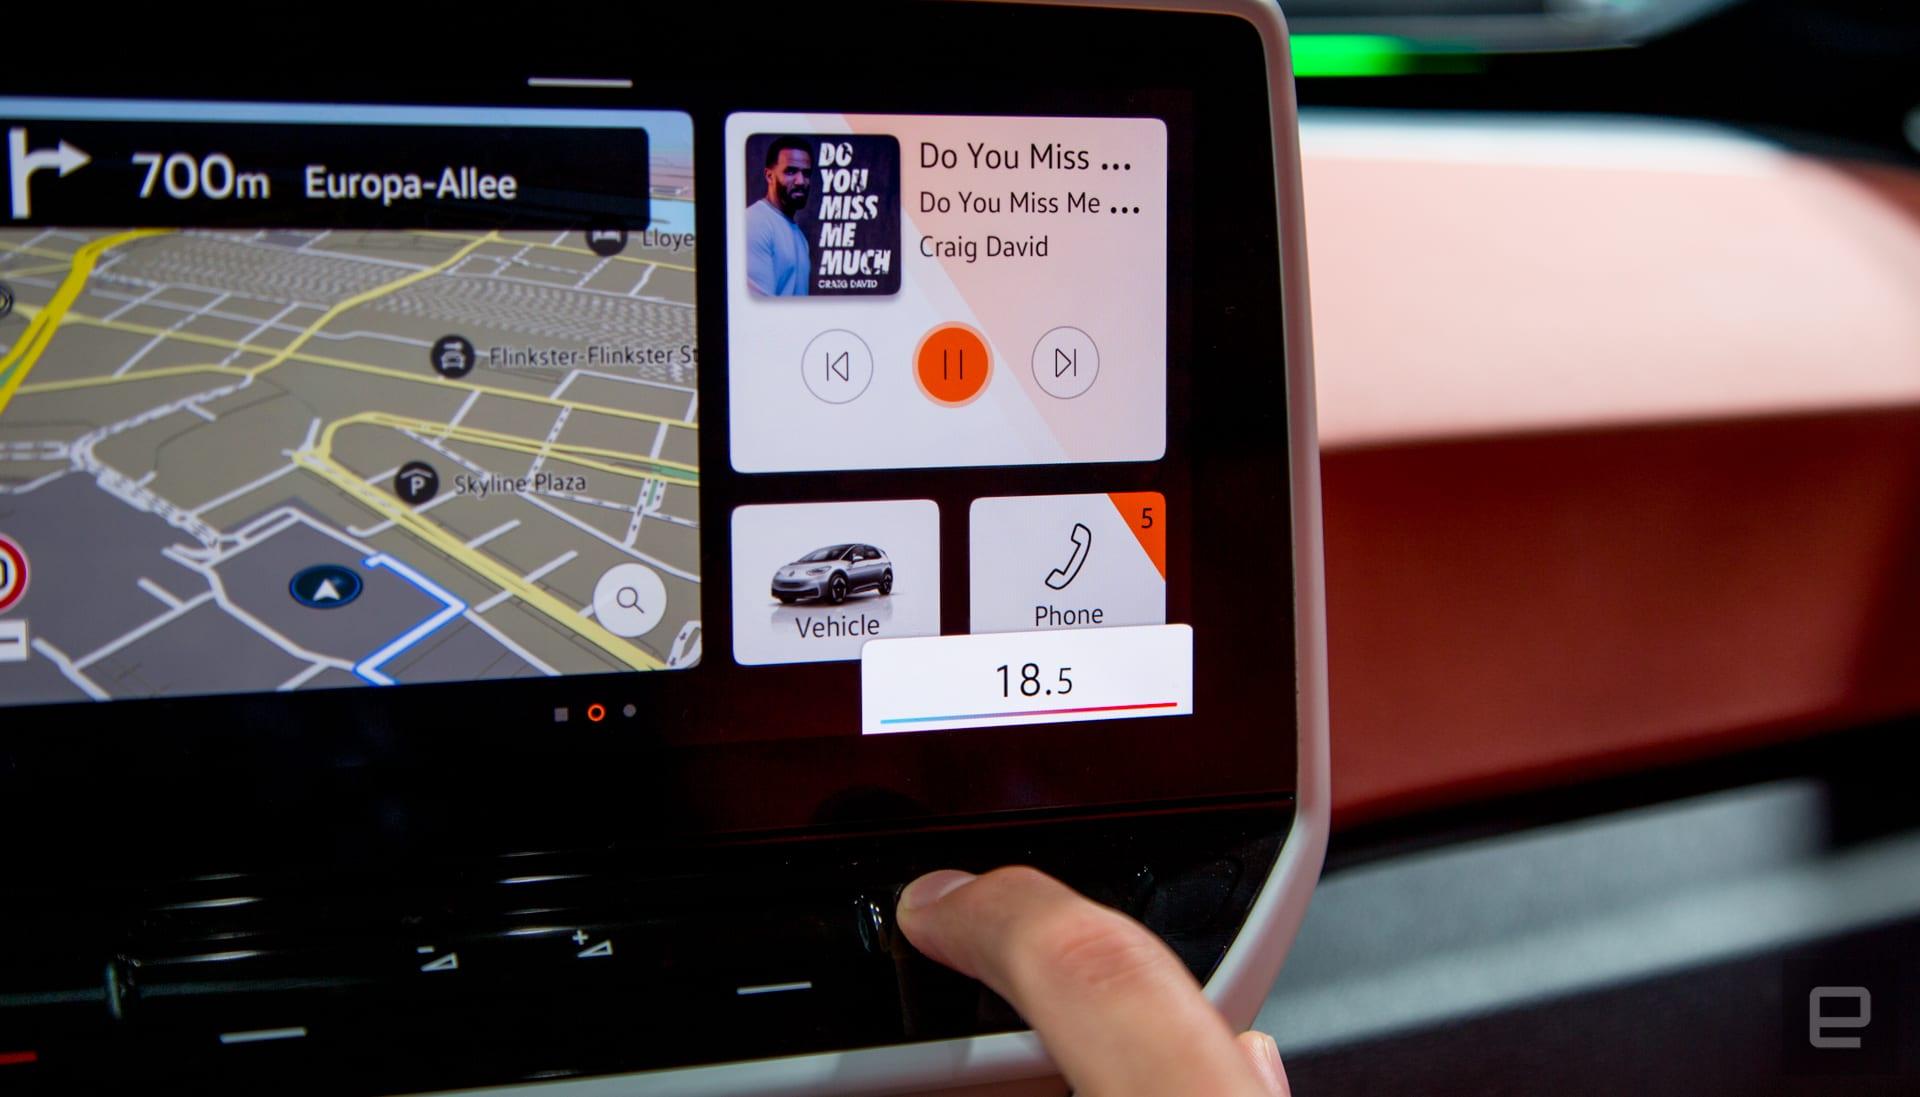 Volkswagen ID.3 infotainment system